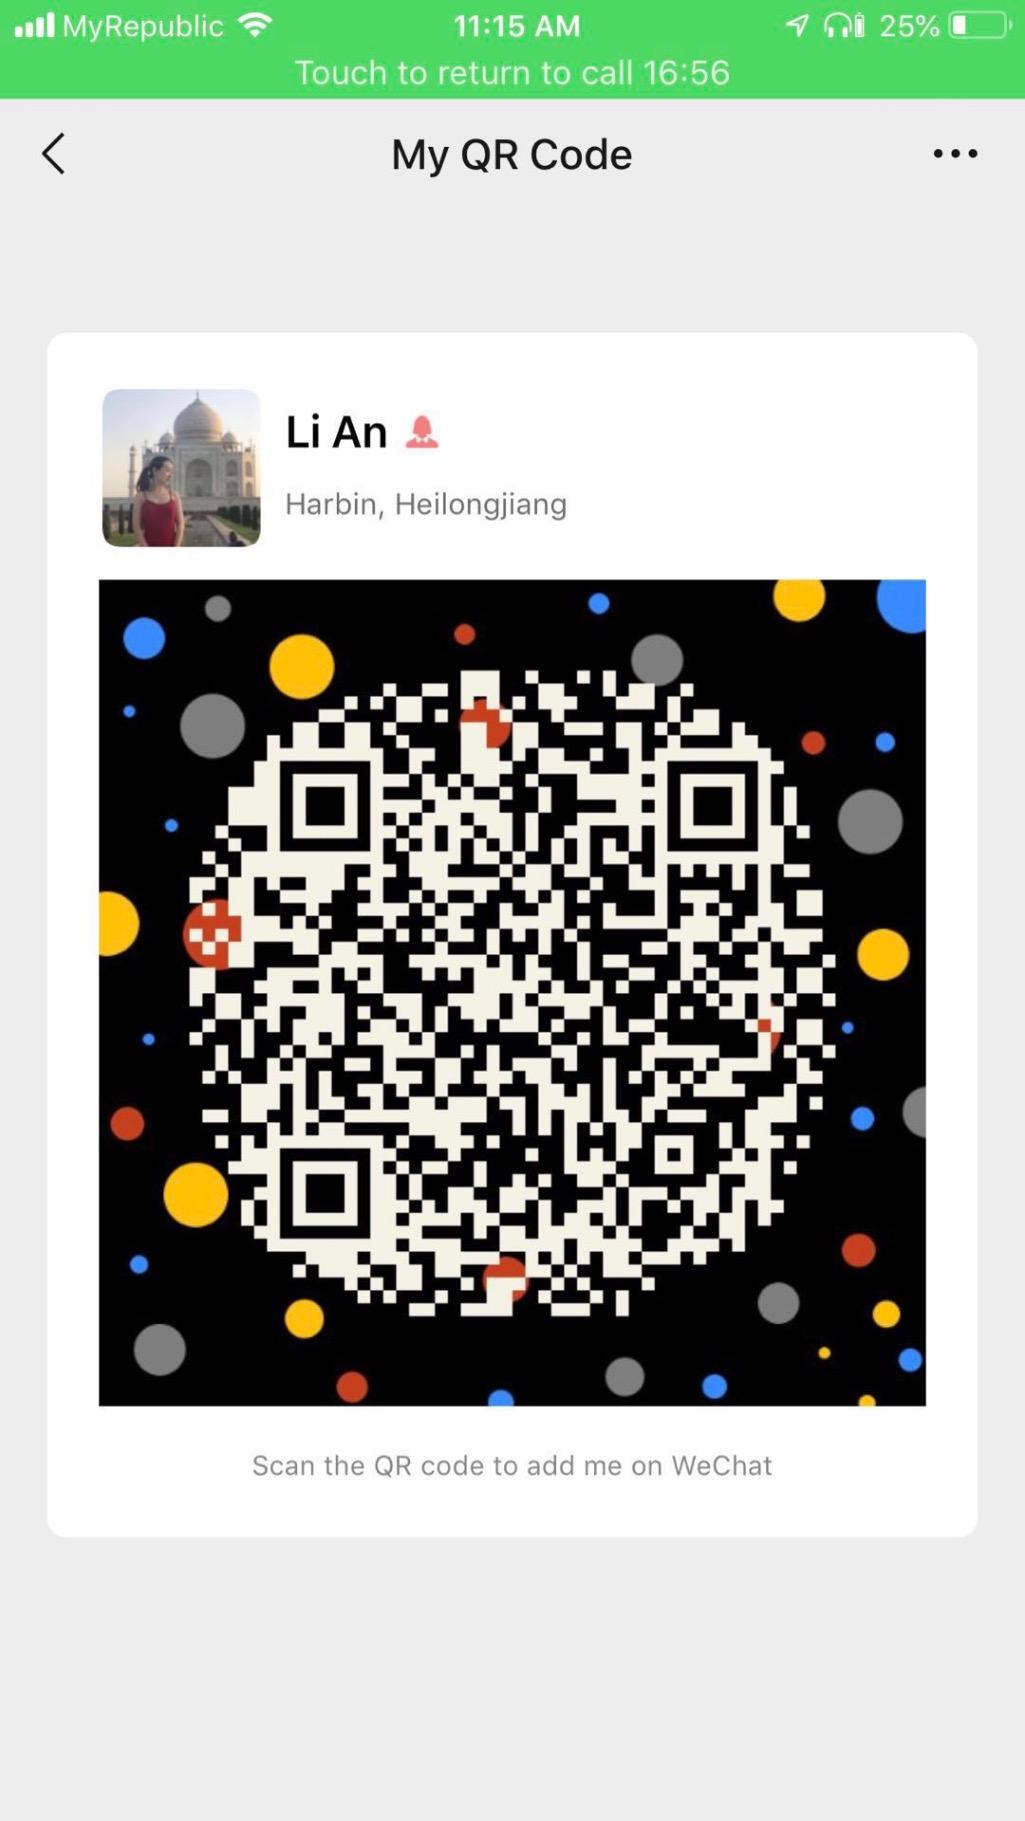 654E79EE-7DE4-4873-AFAE-9347525B3966.jpeg